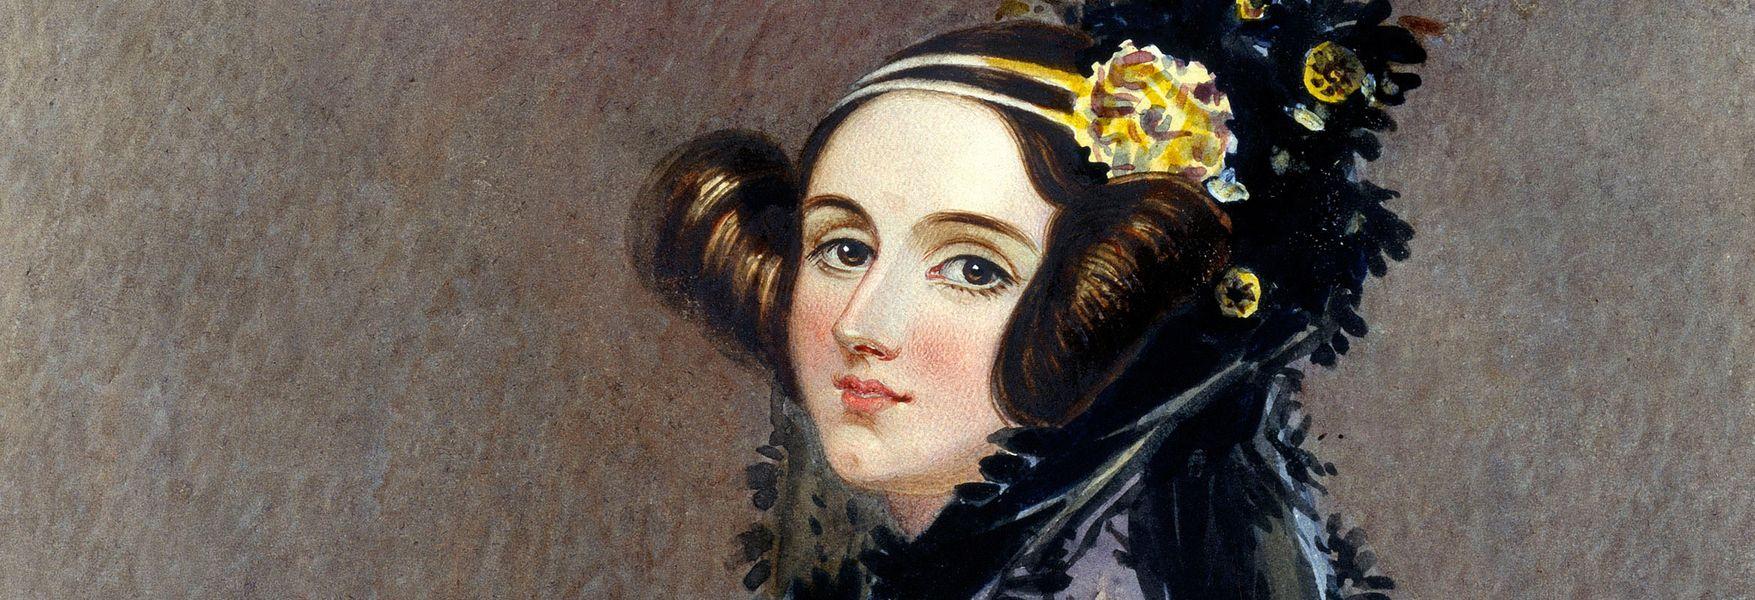 """Lovelace-Day 2020: Ada, die Computerprophetin … aber nicht """"der erste Programmierer"""""""